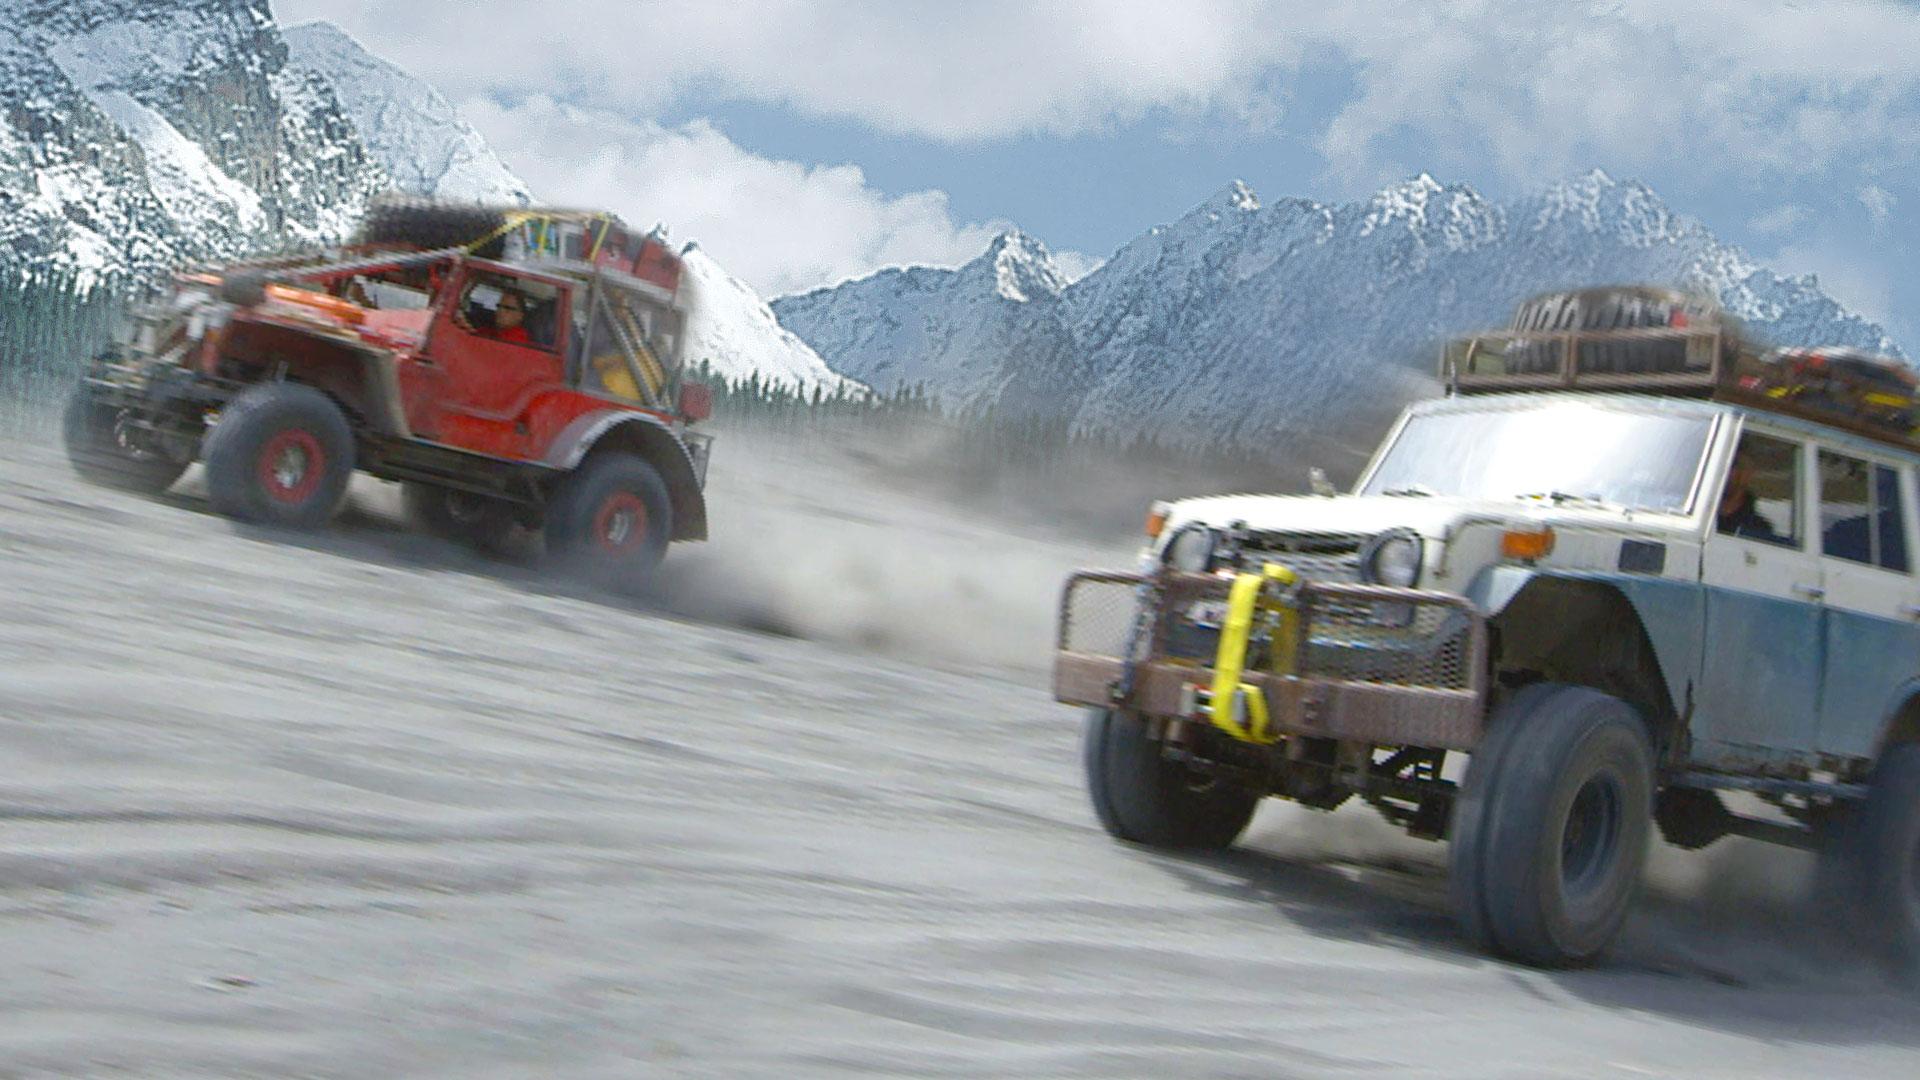 Alaska Off-Road Warriors Full Episodes, Video & More | HISTORY